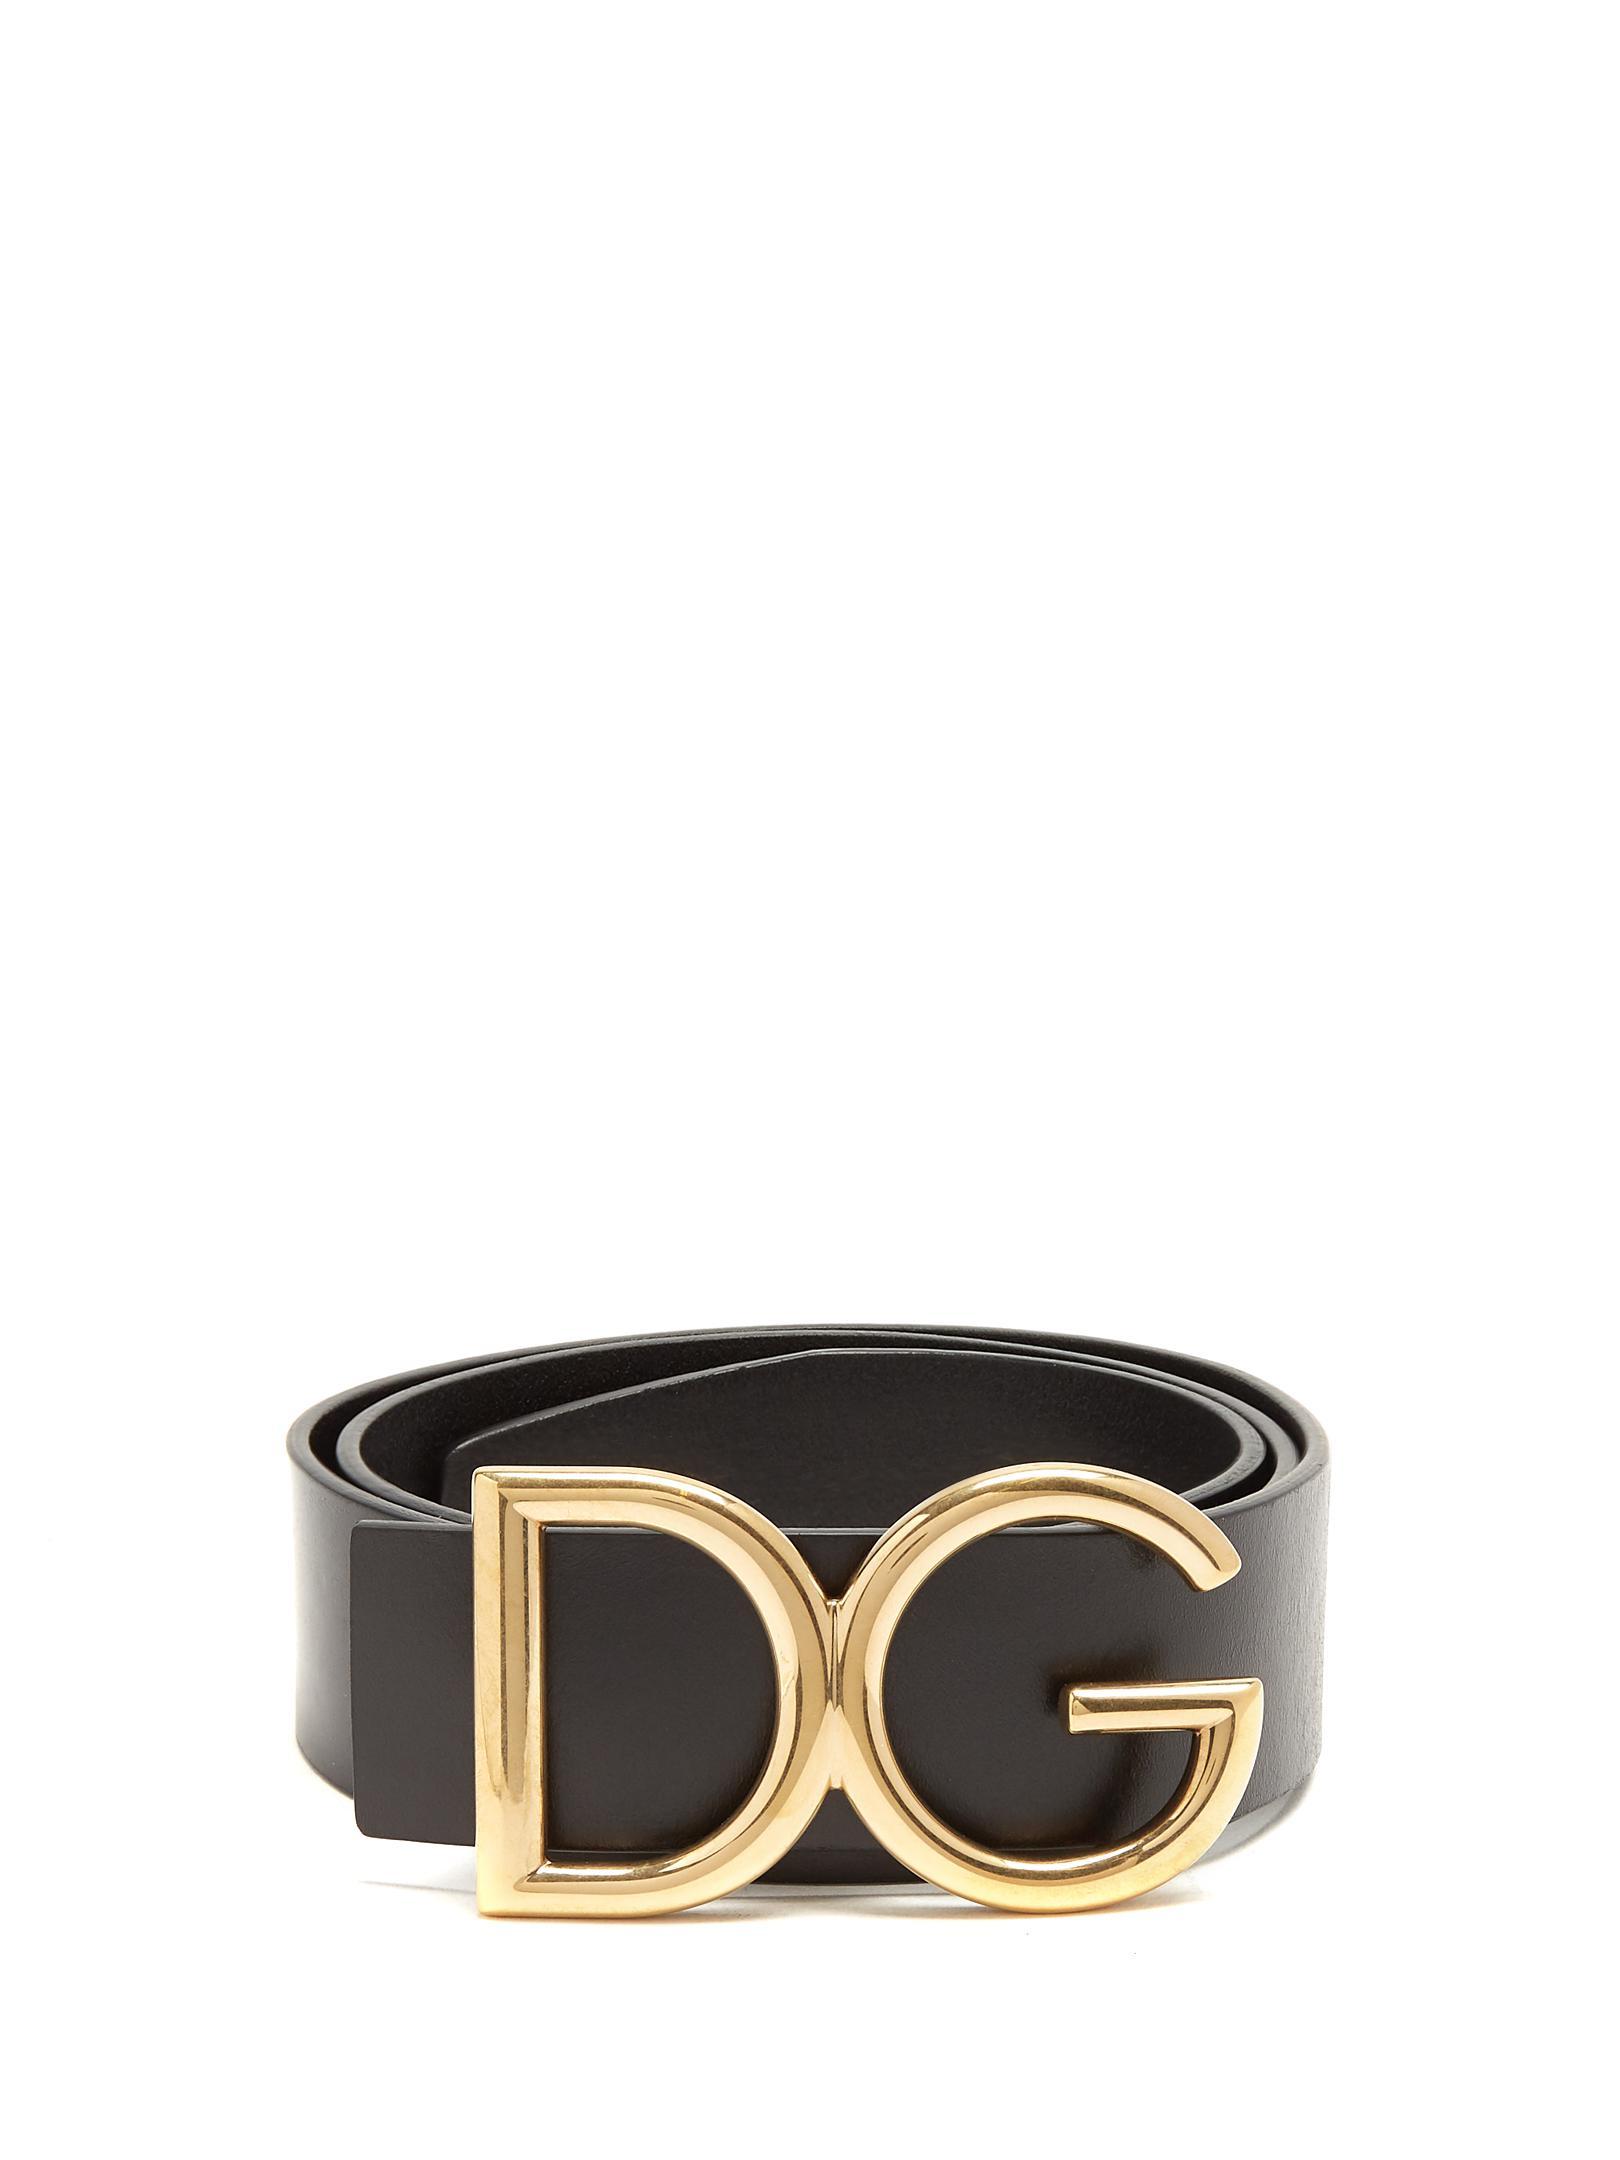 2aae83ebfb wholesale lyst dolce gabbana logo belt in black for men 3b0ef 5bb4e; czech lyst  dolce gabbana dg buckle leather belt in black for men 2ae6e 7003a